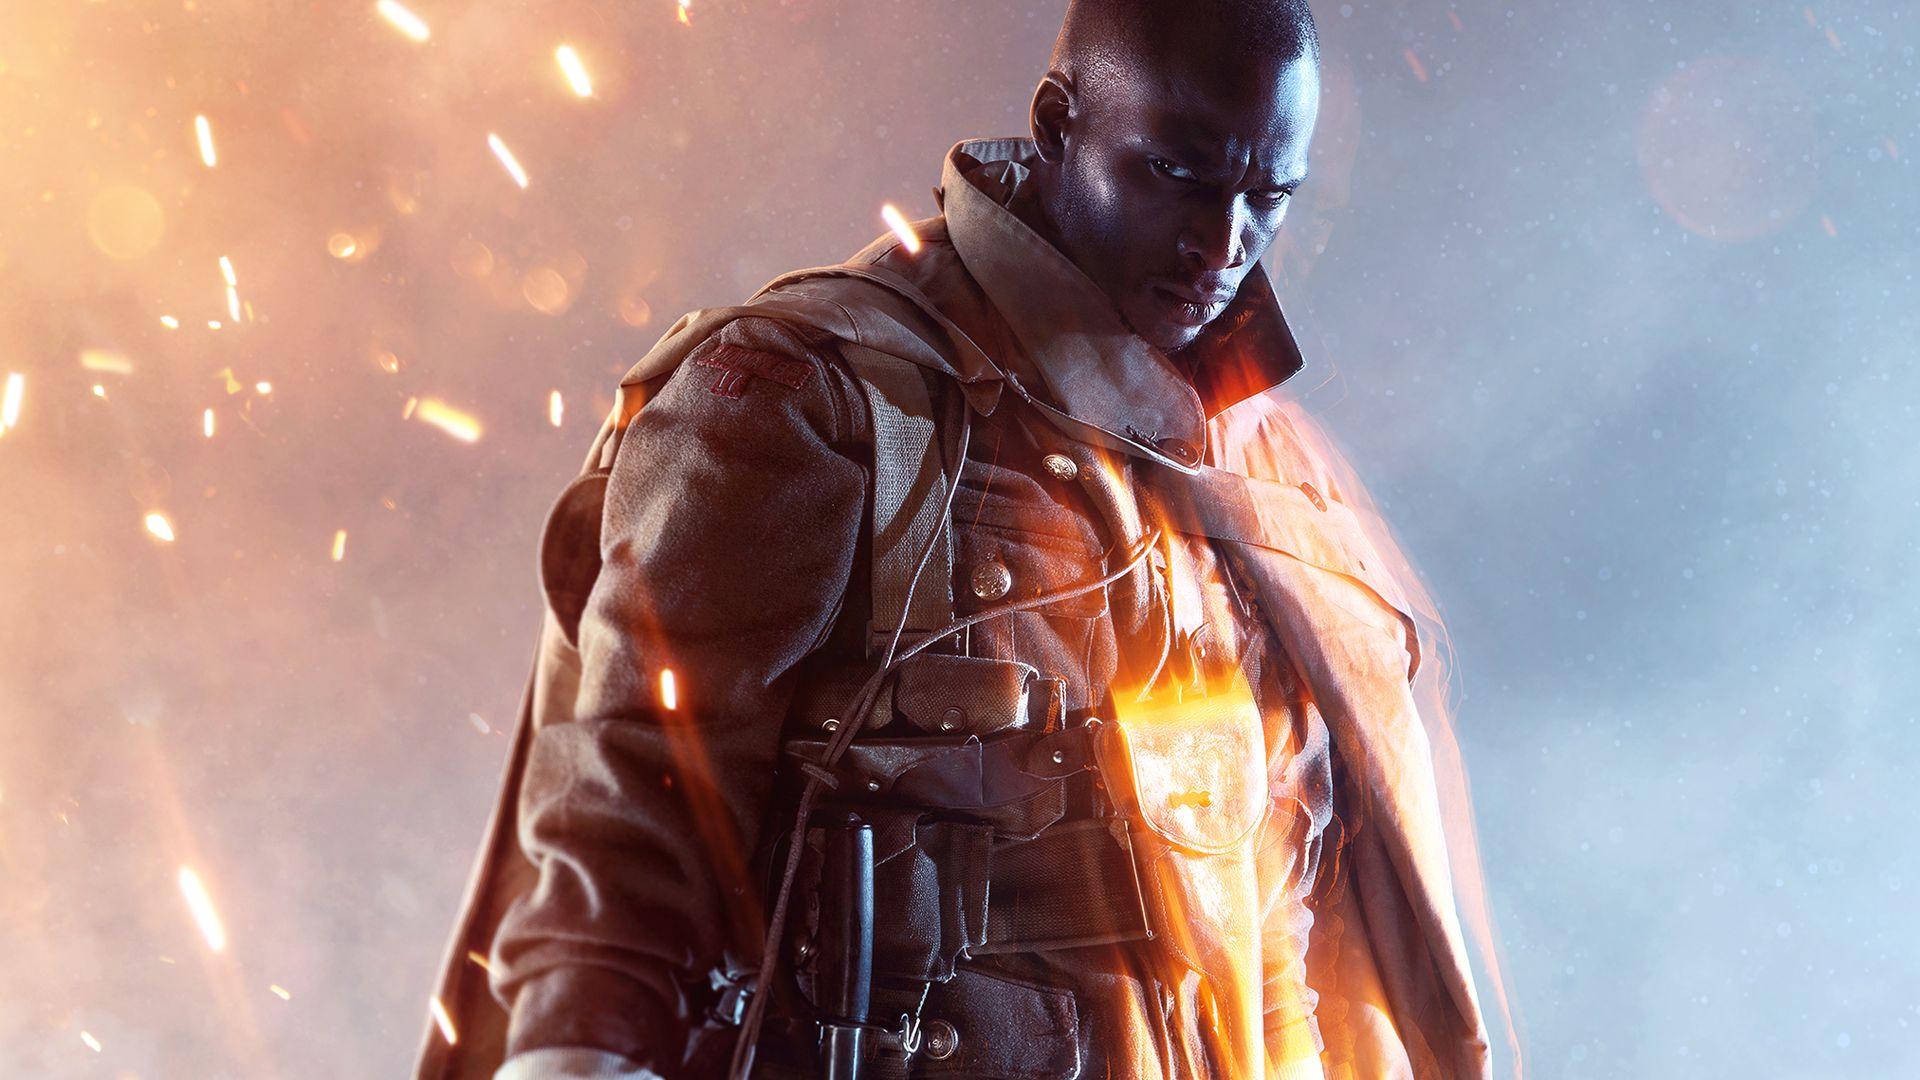 DICE will reveal Battlefield V next week screenshot